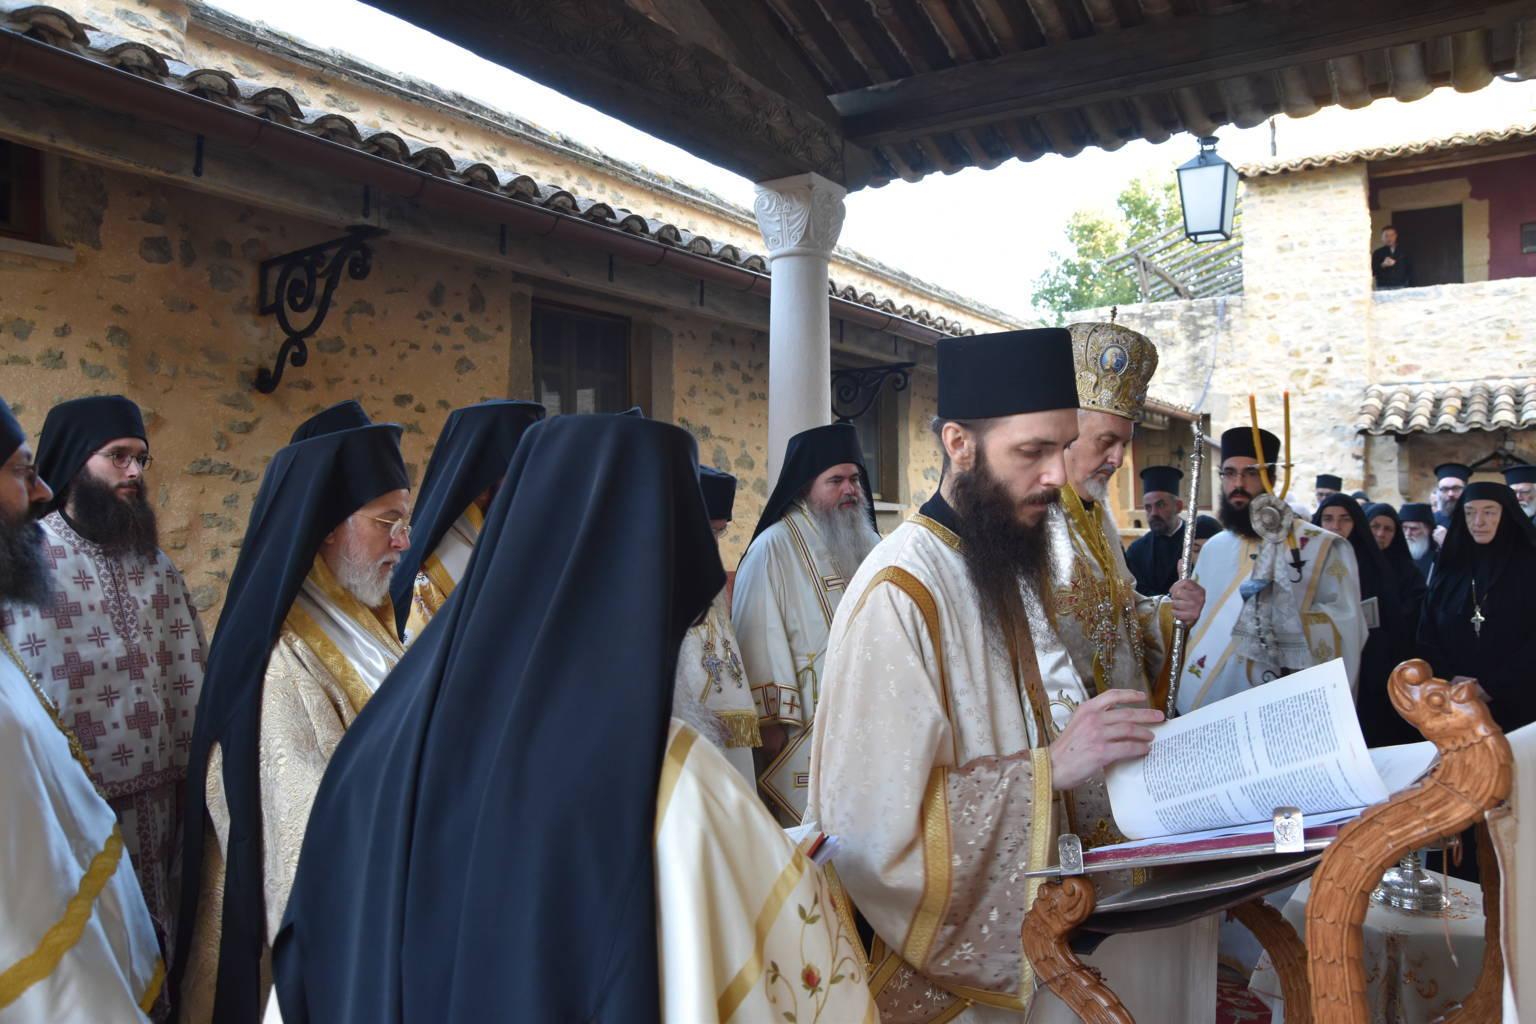 DSC 0471 - Λαμπρά εγκαίνια του Καθολικού της Ι. Μονής Αγίας Σκέπης Σολάν